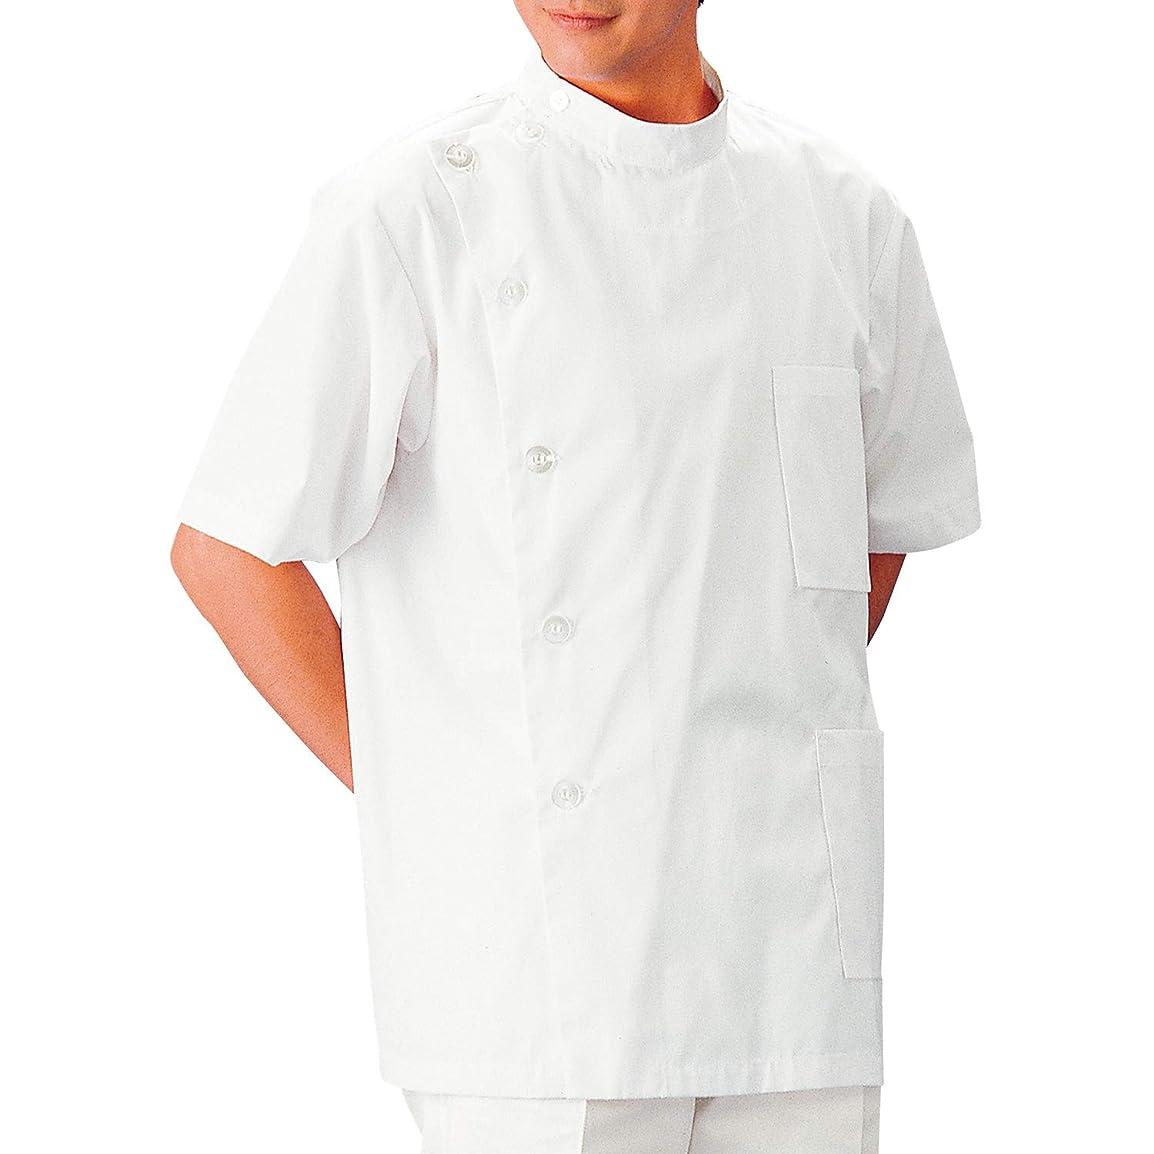 反発する脱走クリエイティブミドリ安全 ケーシー型 メンズ 白衣 半袖 抗菌 静電気防止 SKA520 ホワイト S